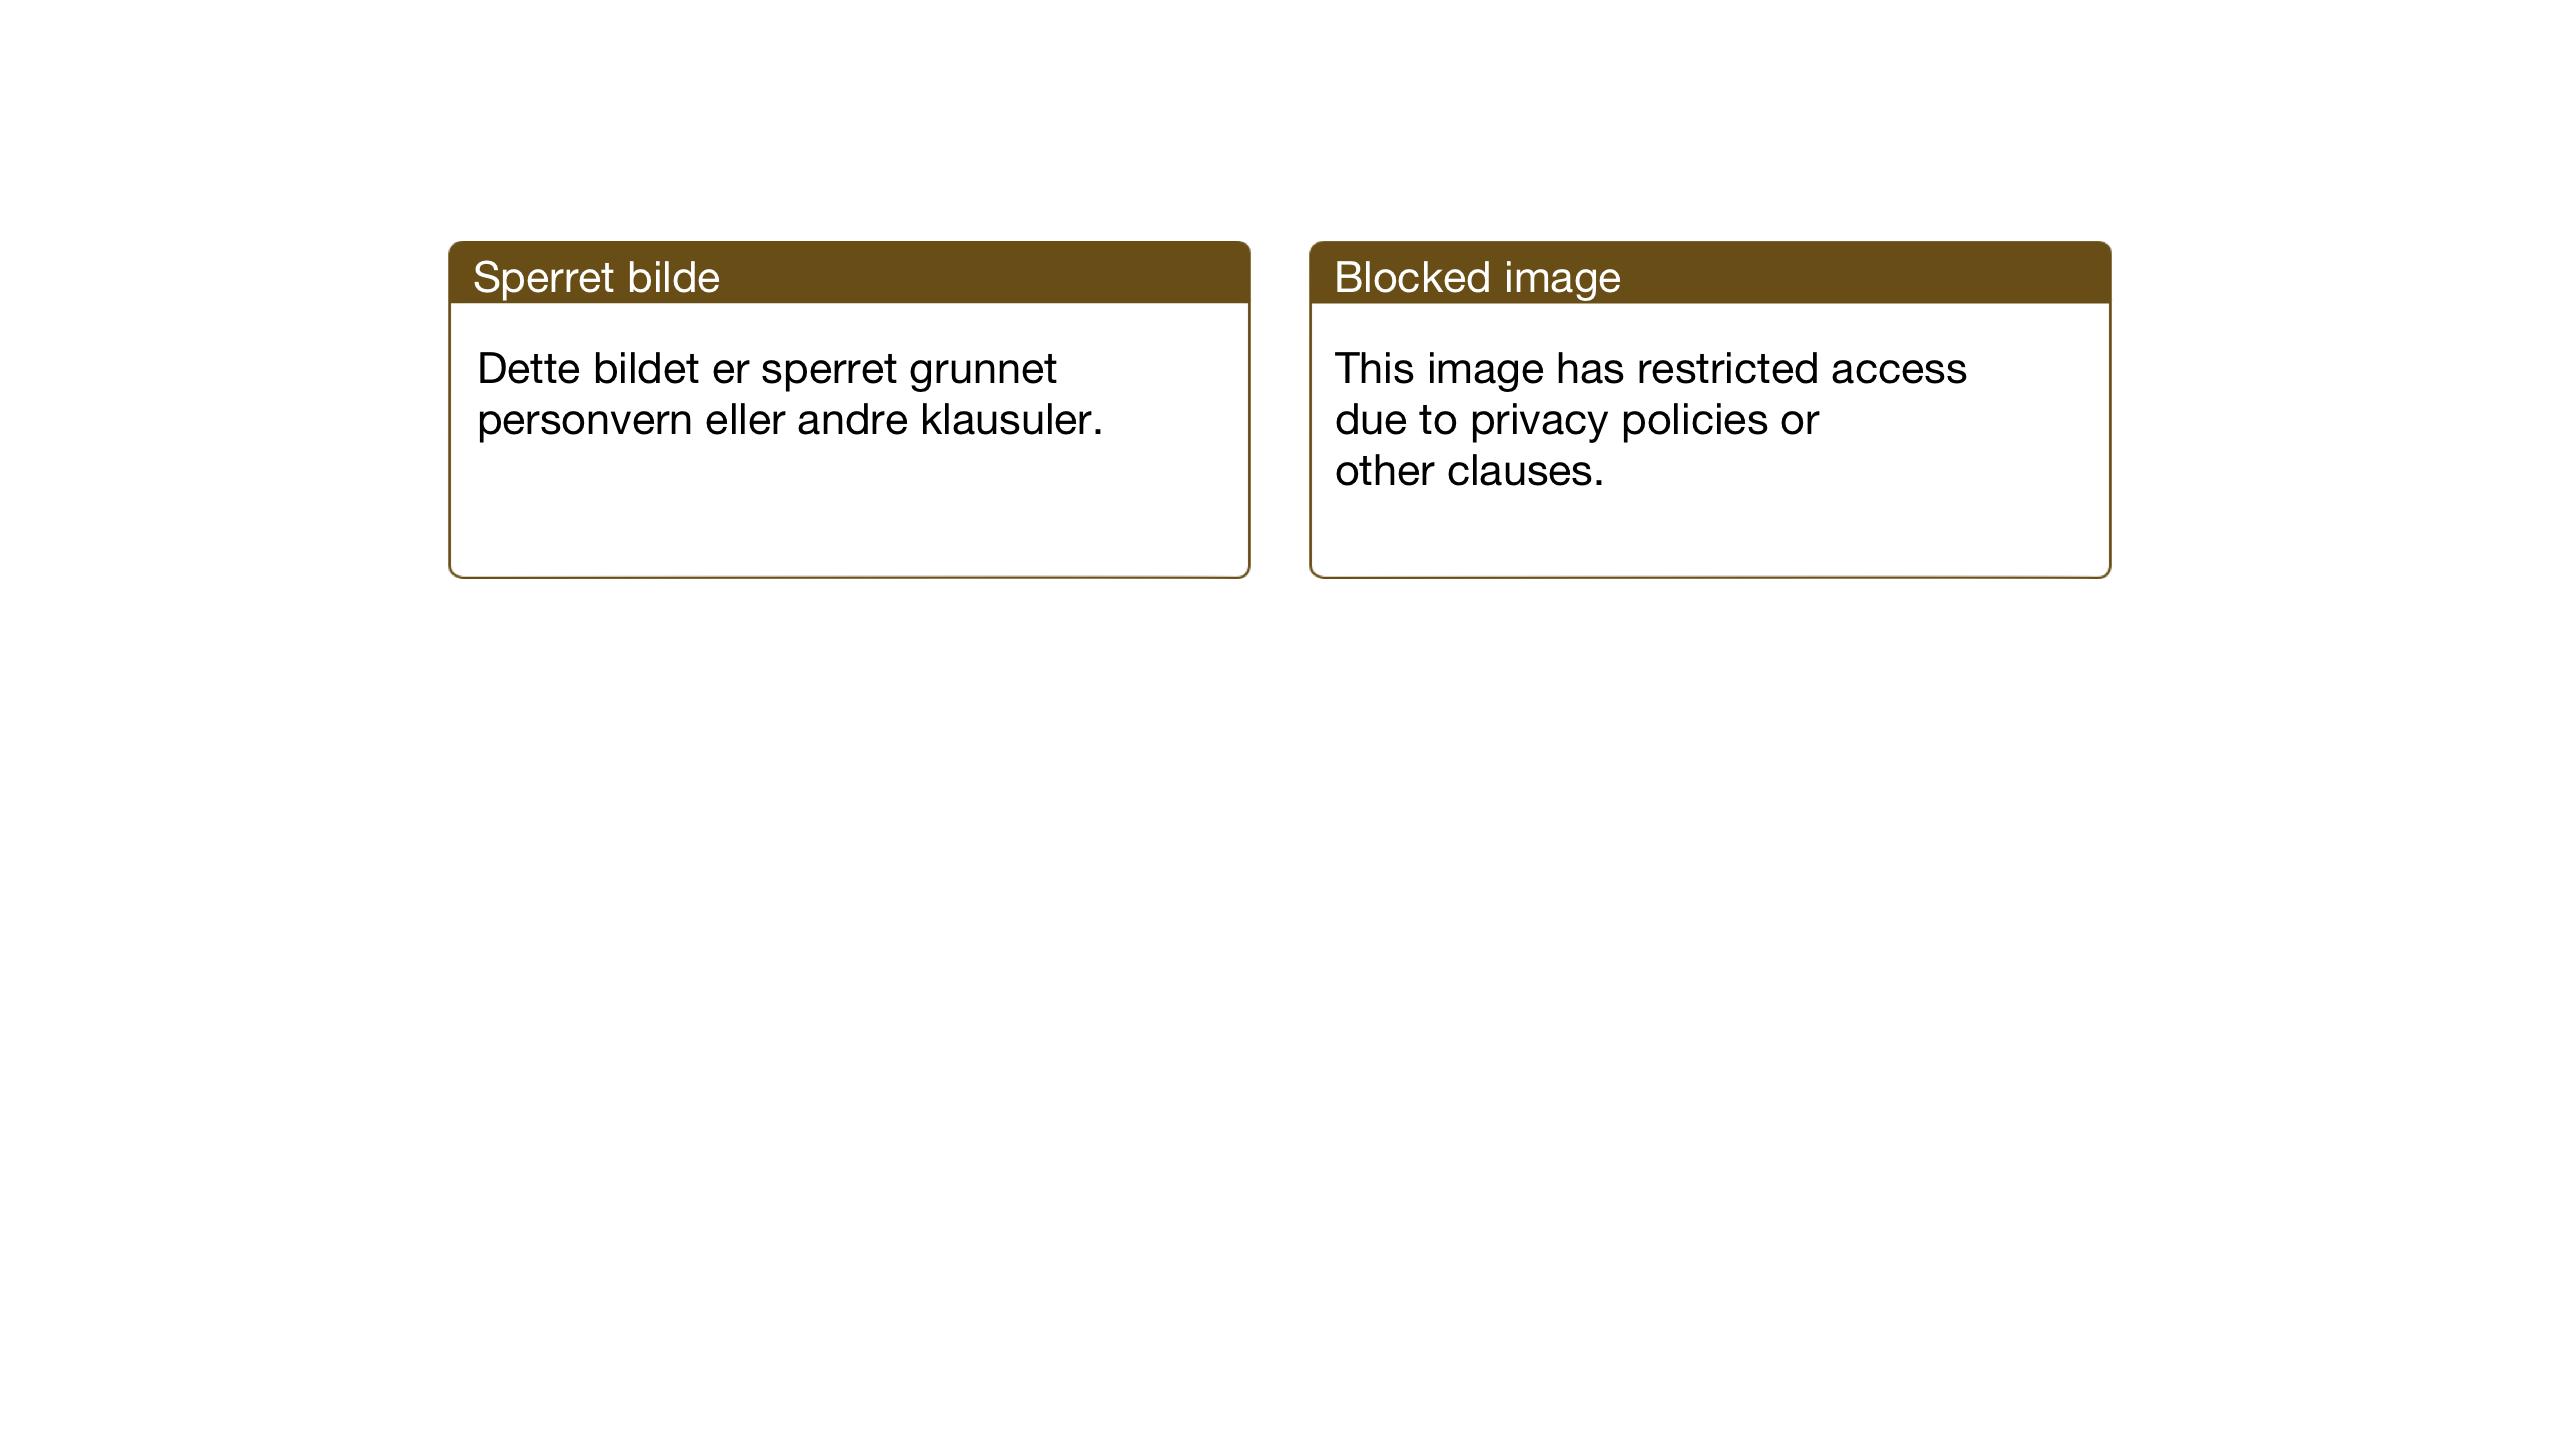 SAT, Ministerialprotokoller, klokkerbøker og fødselsregistre - Sør-Trøndelag, 637/L0564: Klokkerbok nr. 637C05, 1928-1968, s. 135